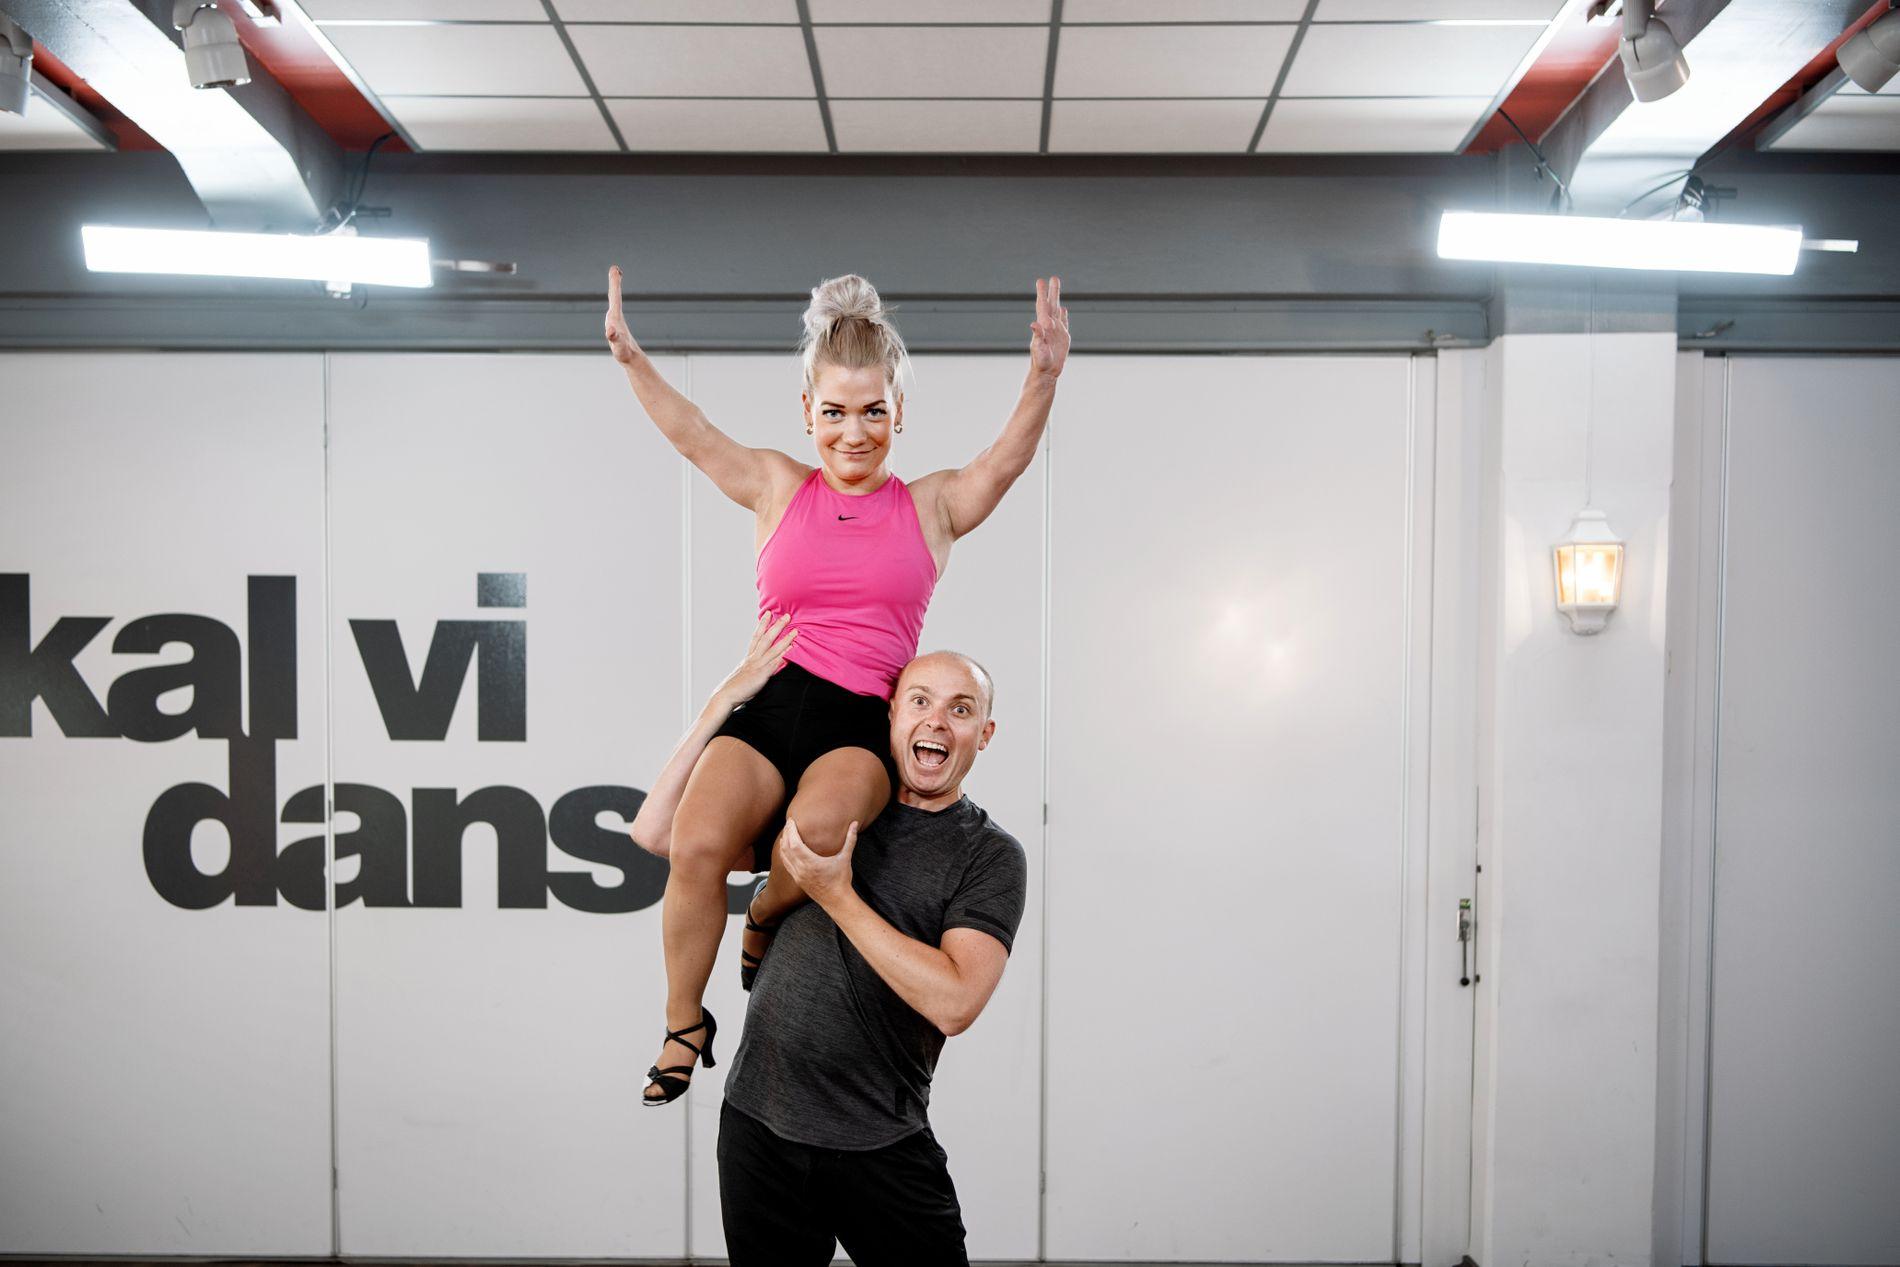 LØFT: Sandra Borch og Bjørn Wettre Holthe i dansestudioet tidligere denne uken.